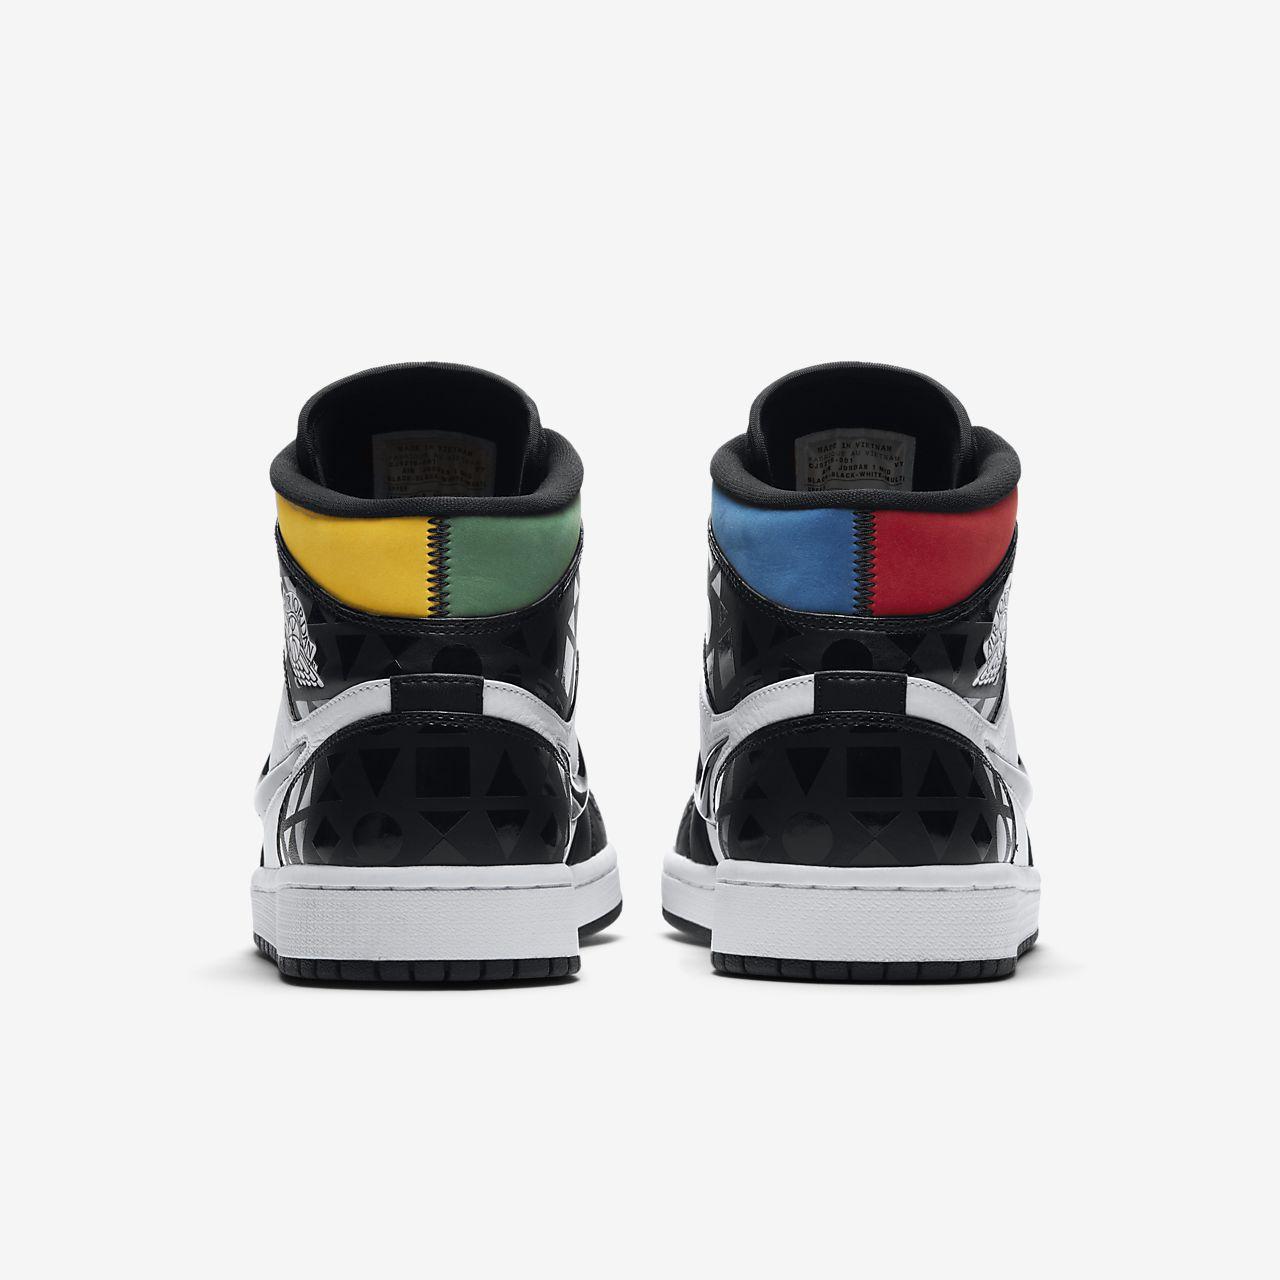 20015e045a2a Chaussure Air Jordan 1 Mid SE Q54 pour Homme. Nike.com FR